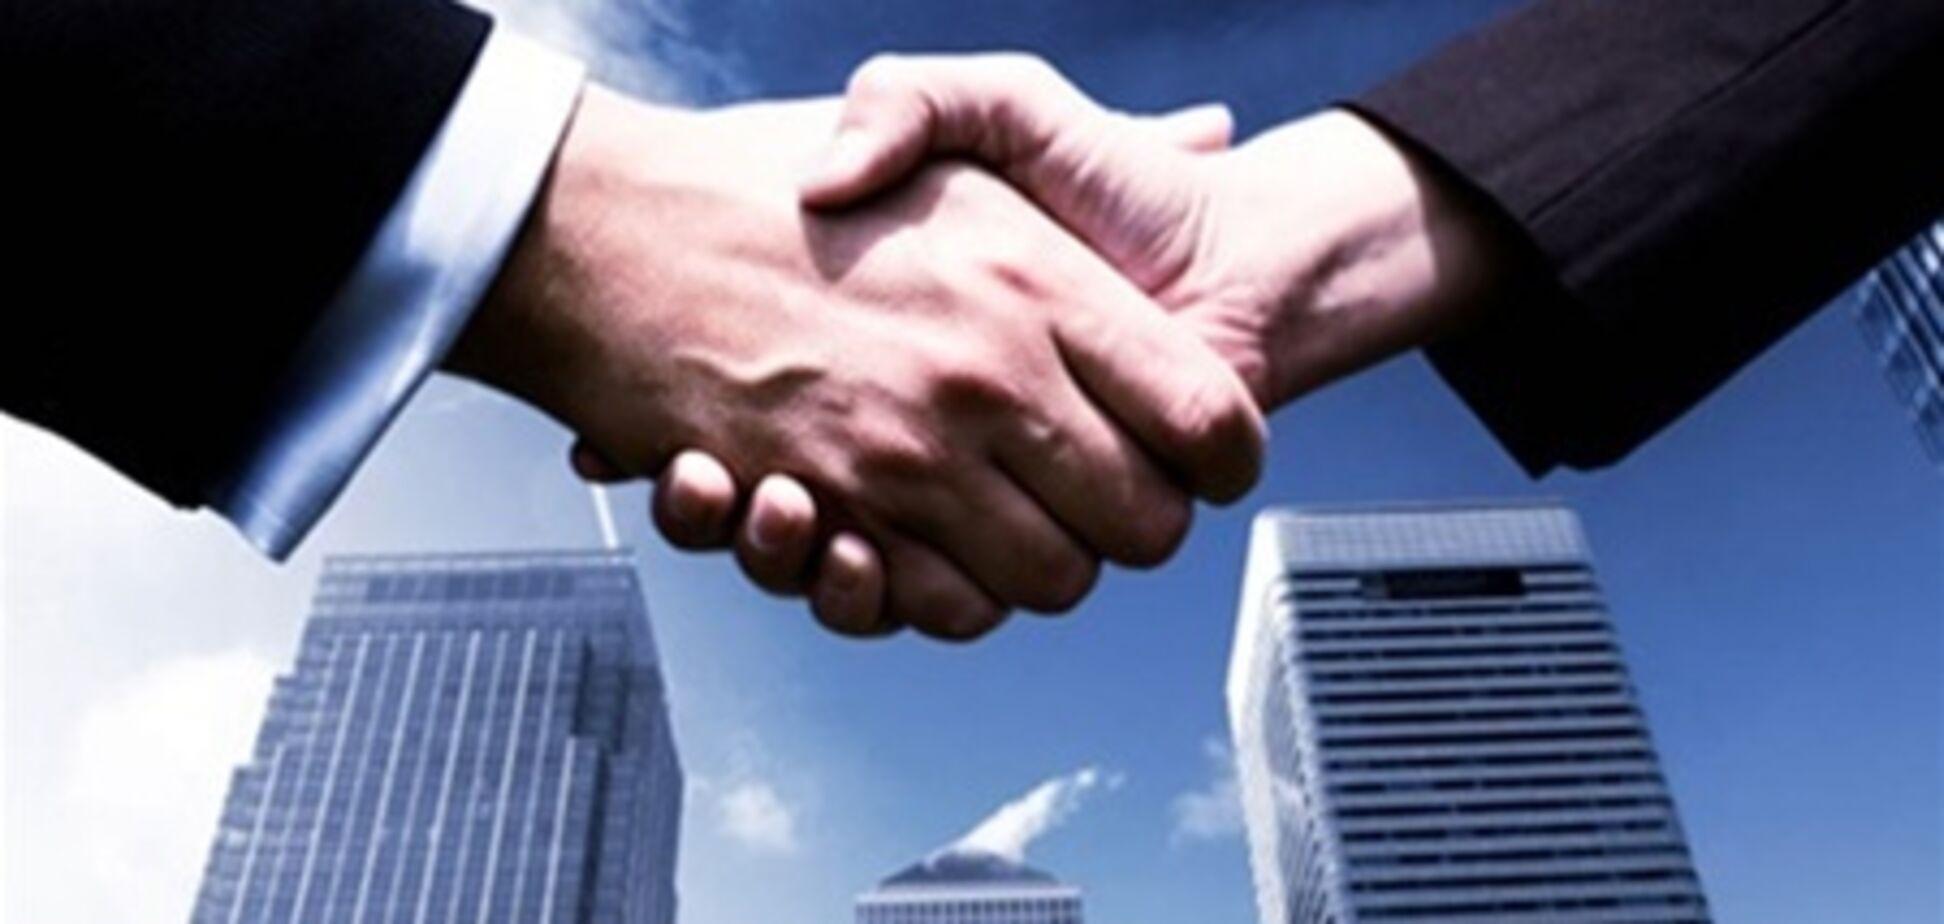 В 2012 году продажи недвижимости в Украине выросли на 36,9%